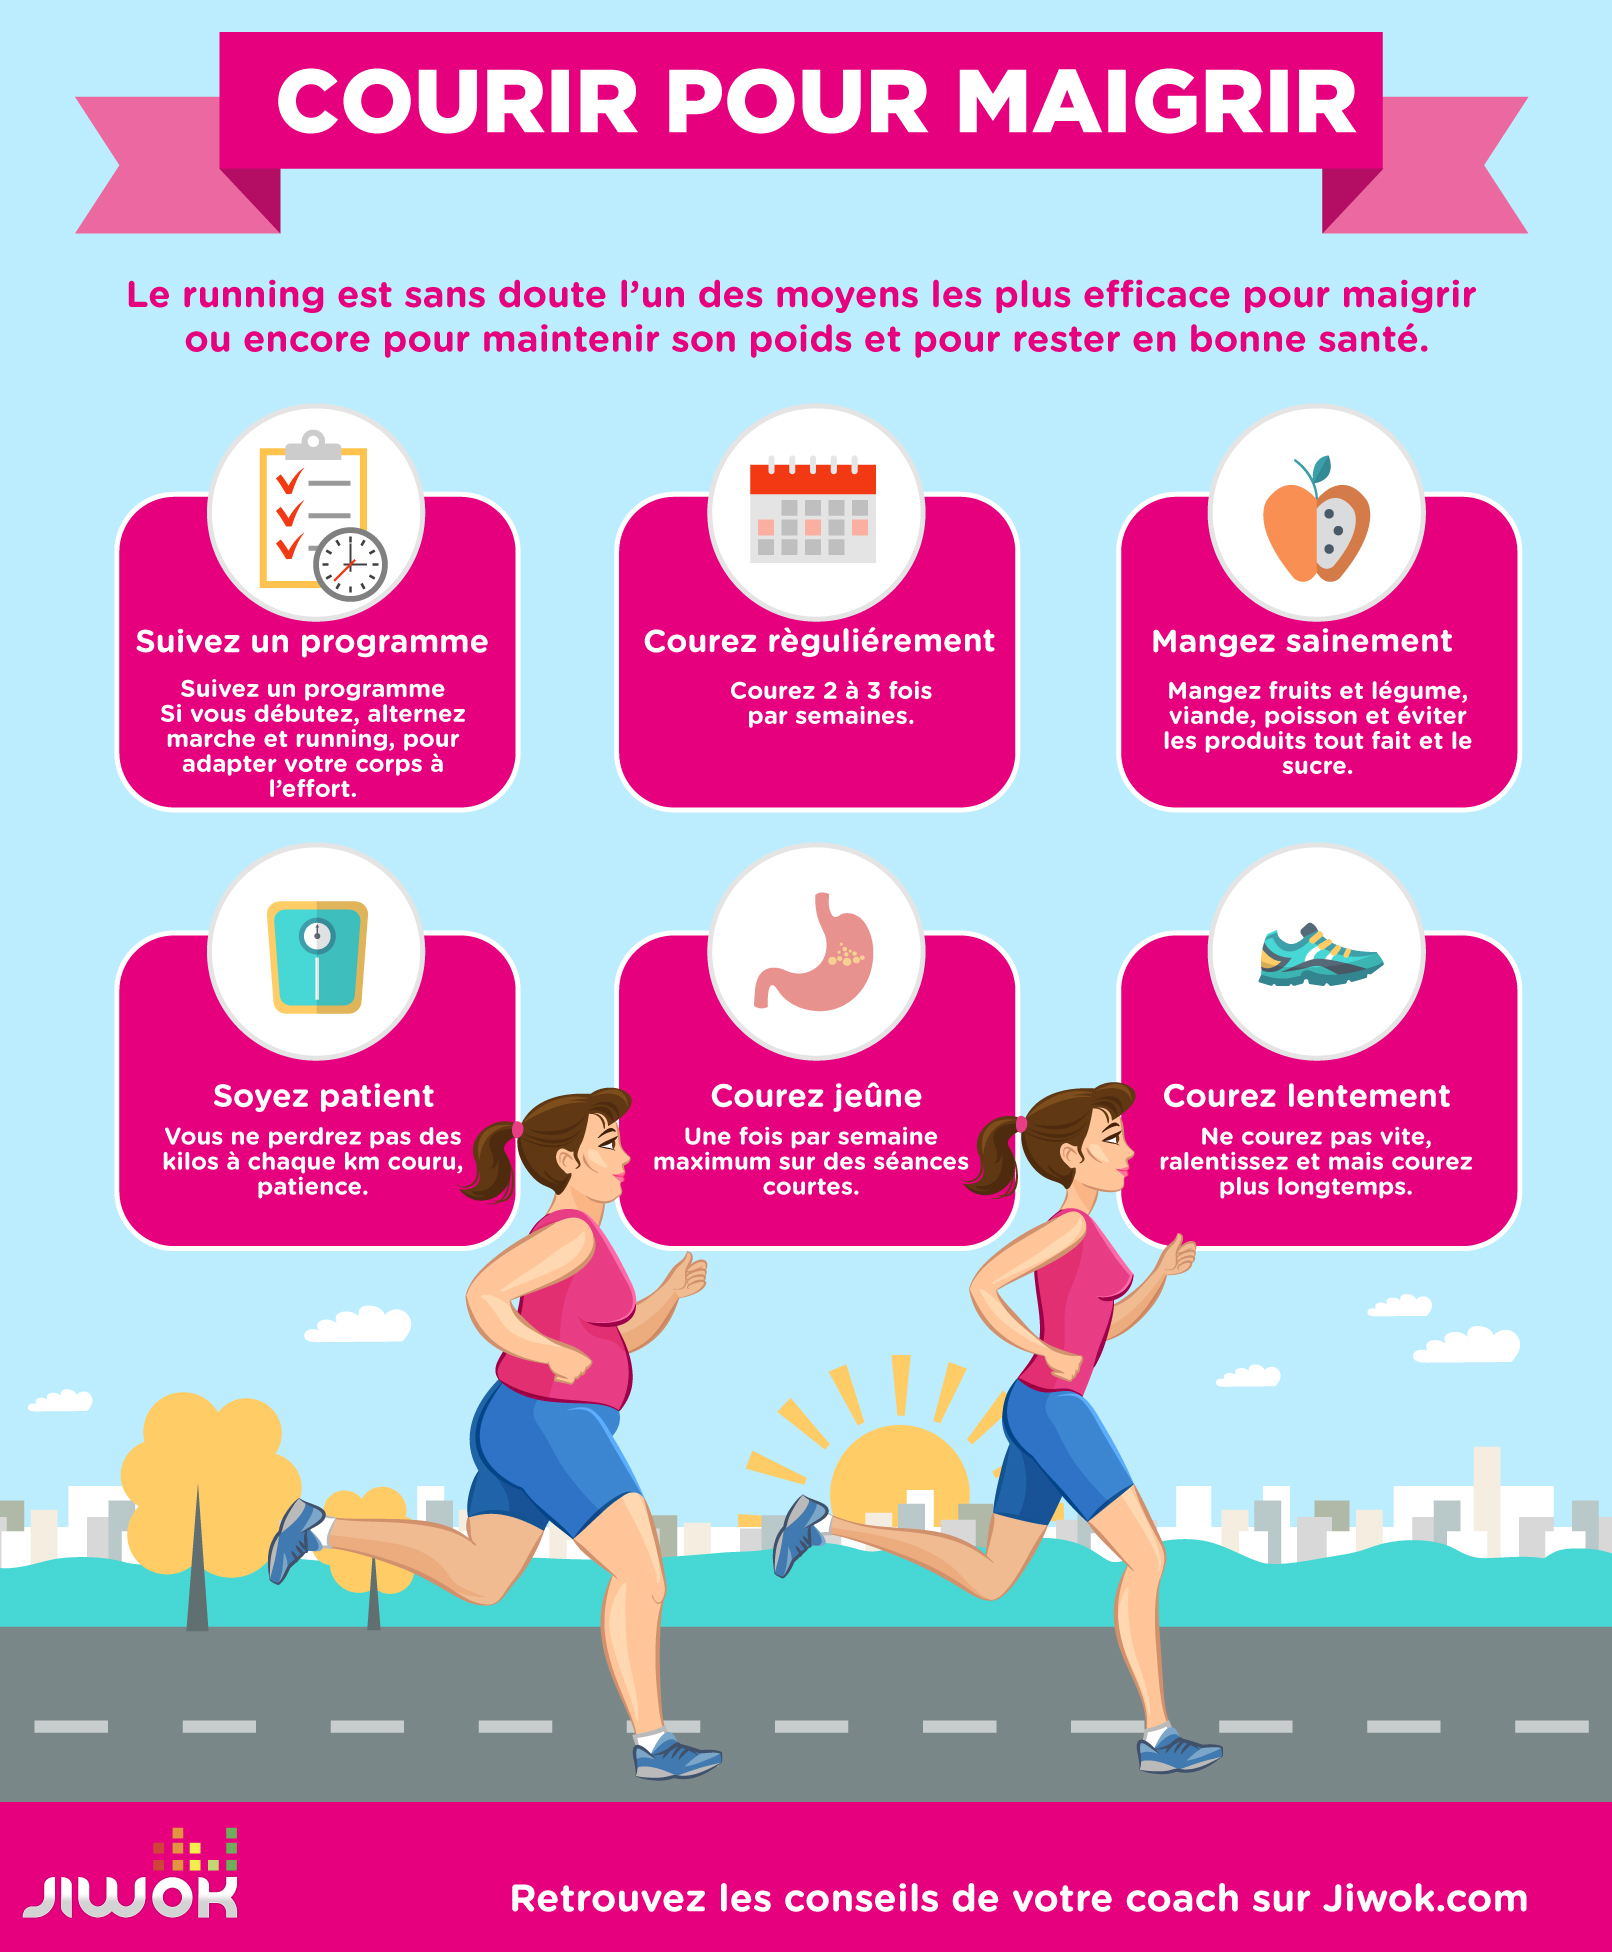 moyen rapide de perdre du poids pour les obèses